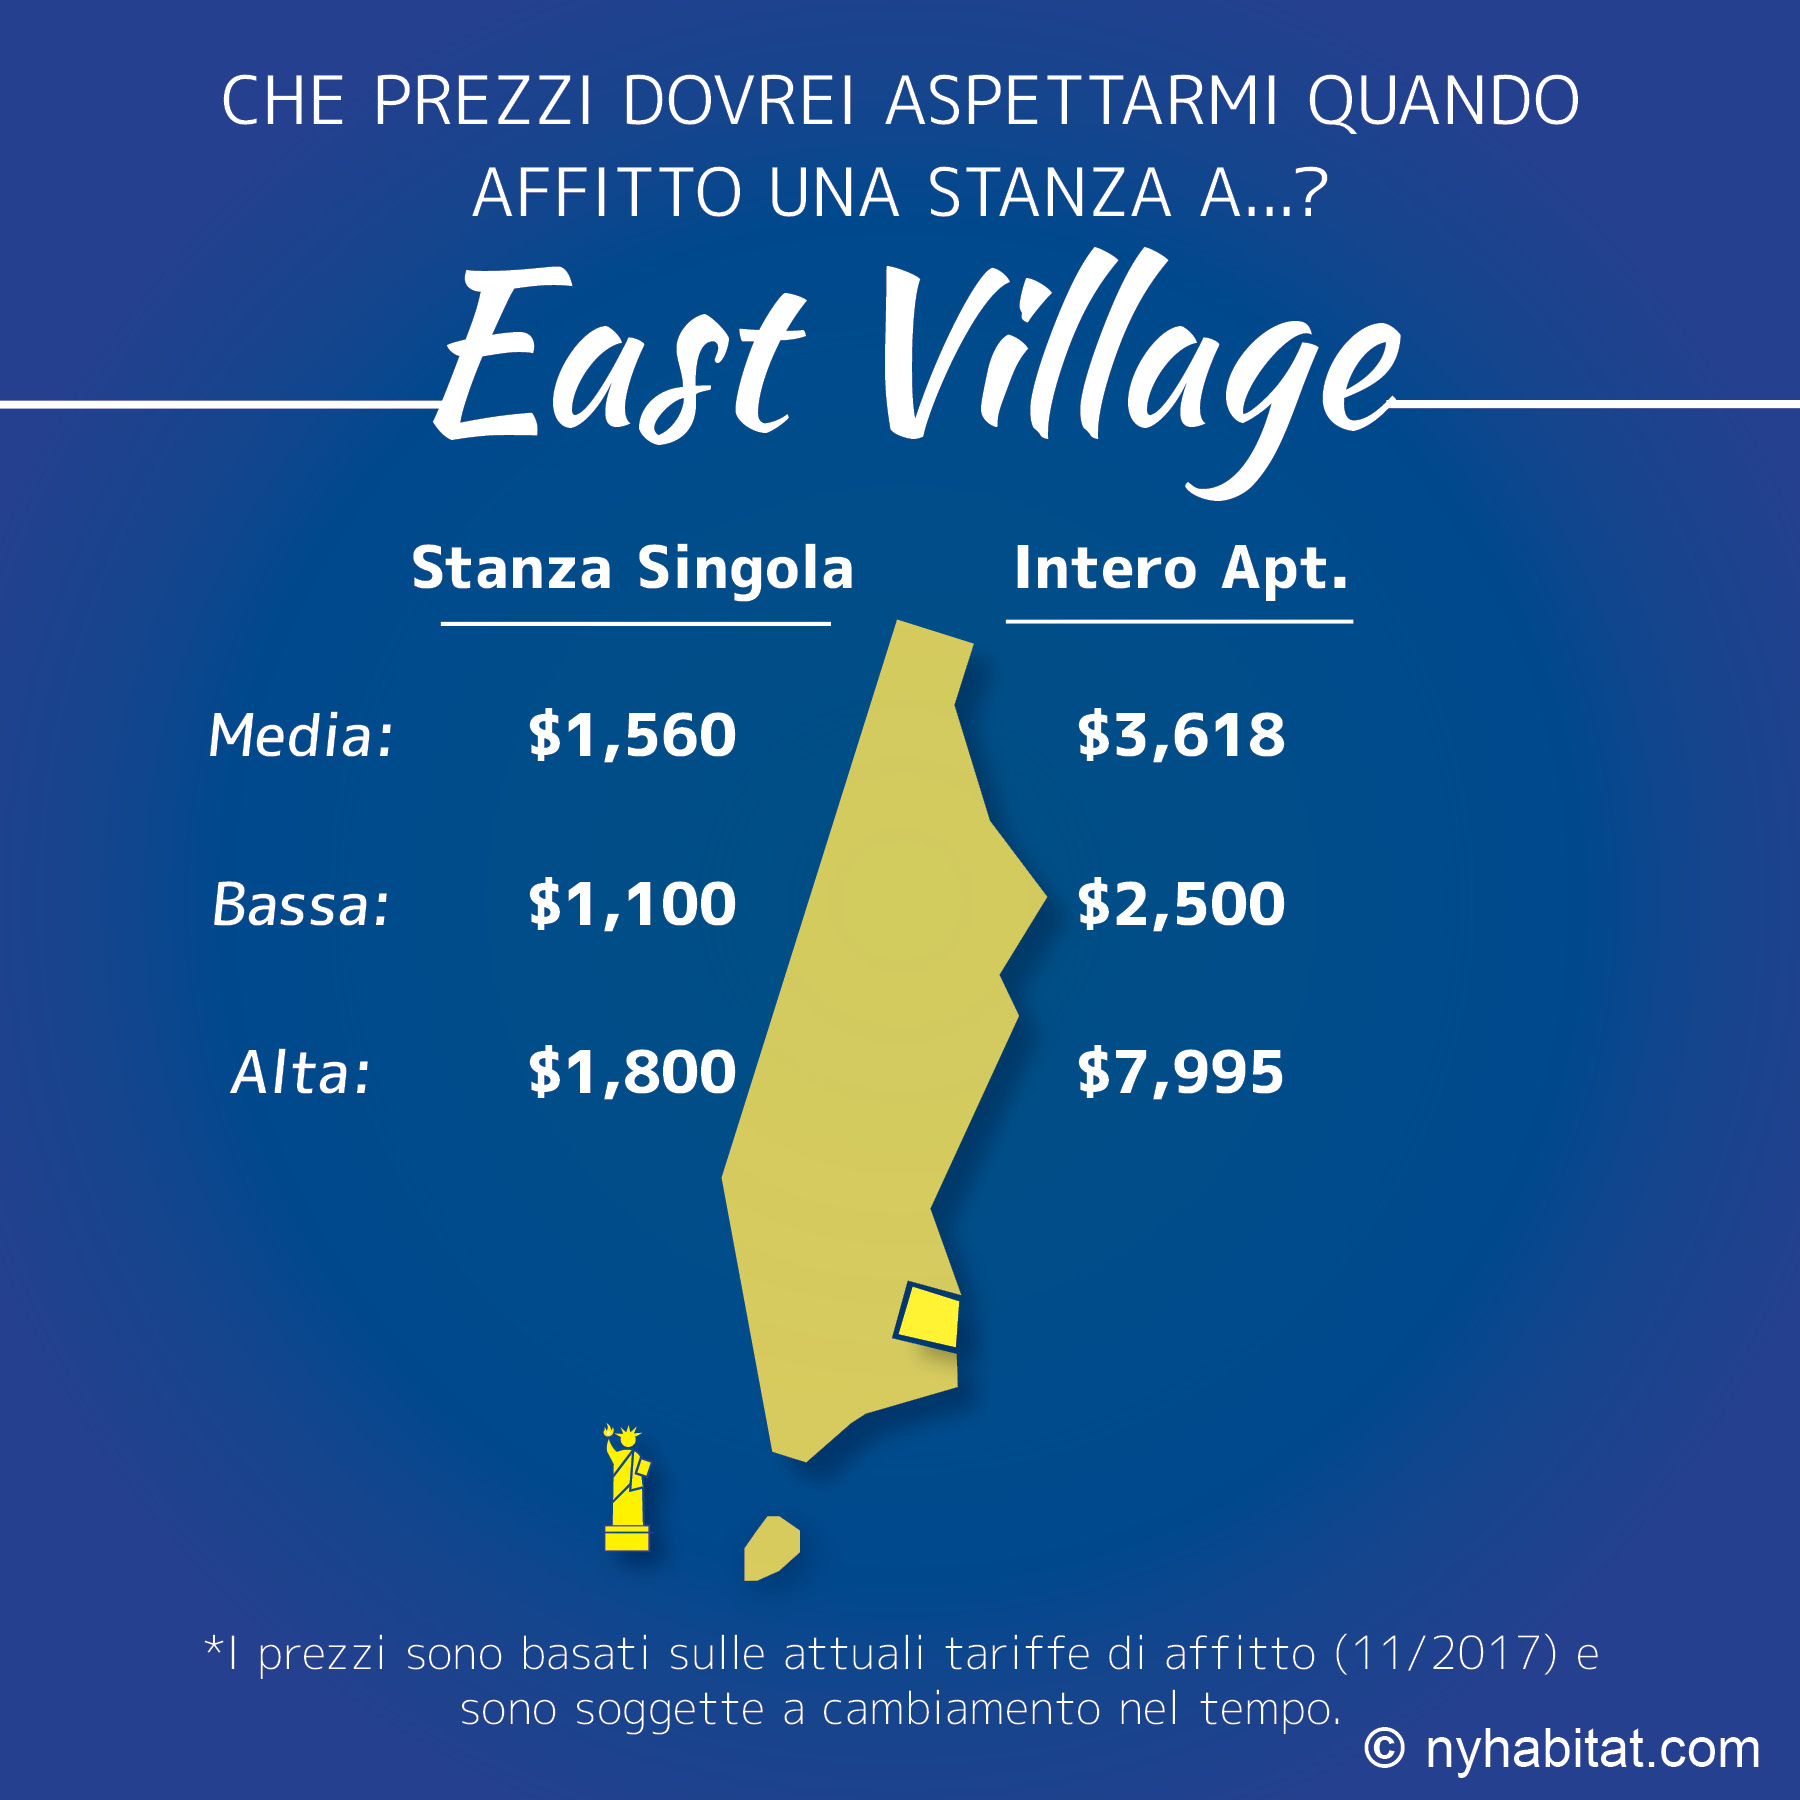 Infografica dei prezzi di una stanza a confronto con un appartamento nell'East Village